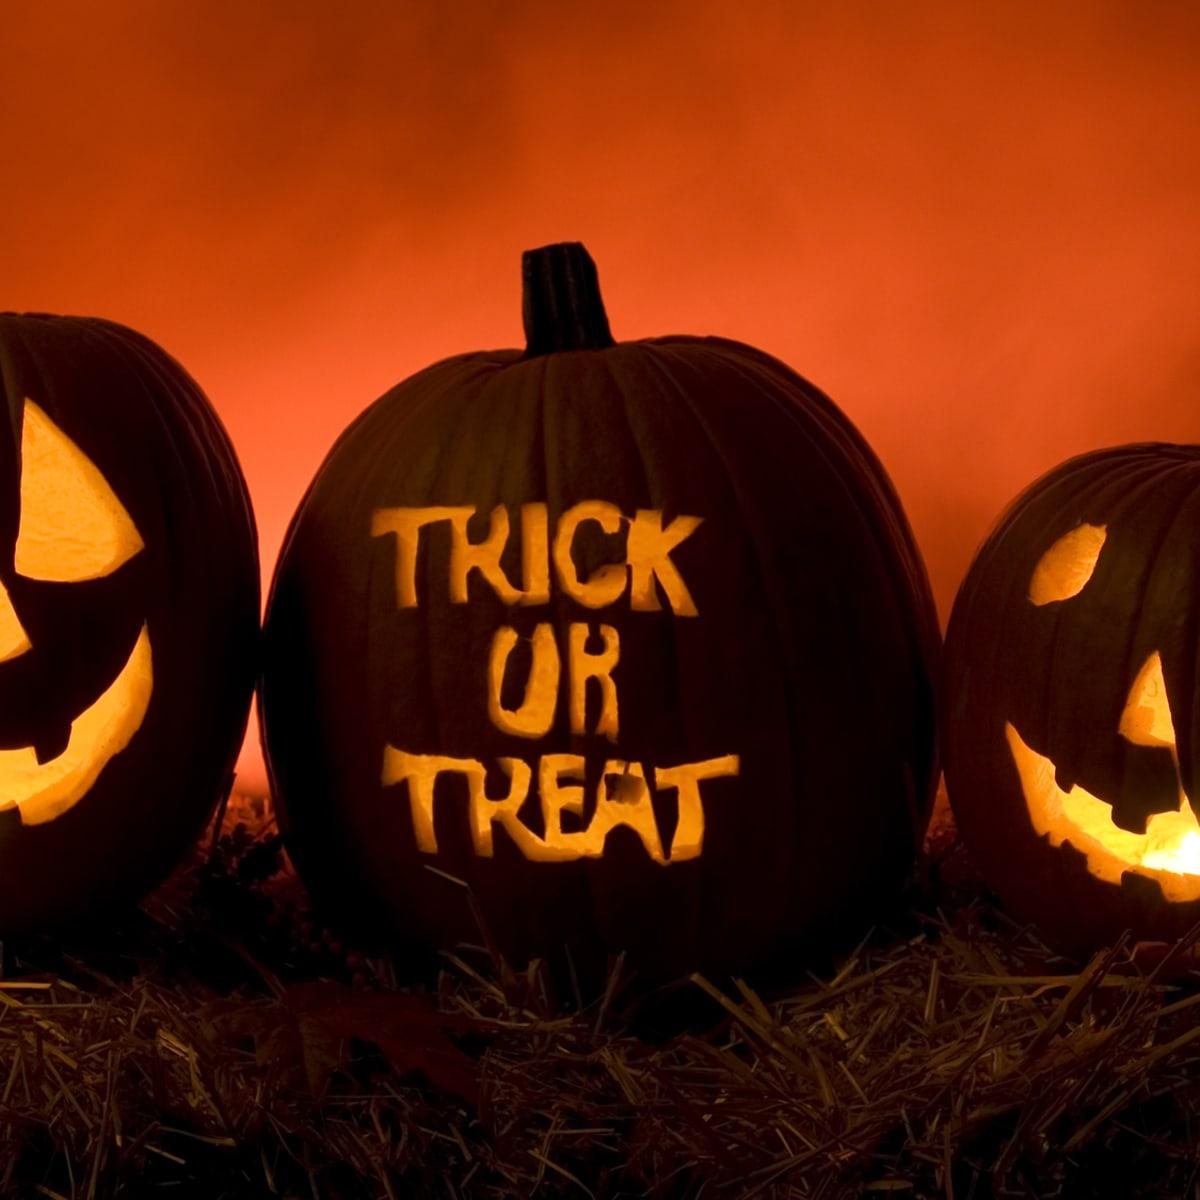 صور هالوين جميلة 2020 صور عيد الهالوين صور Halloween 20